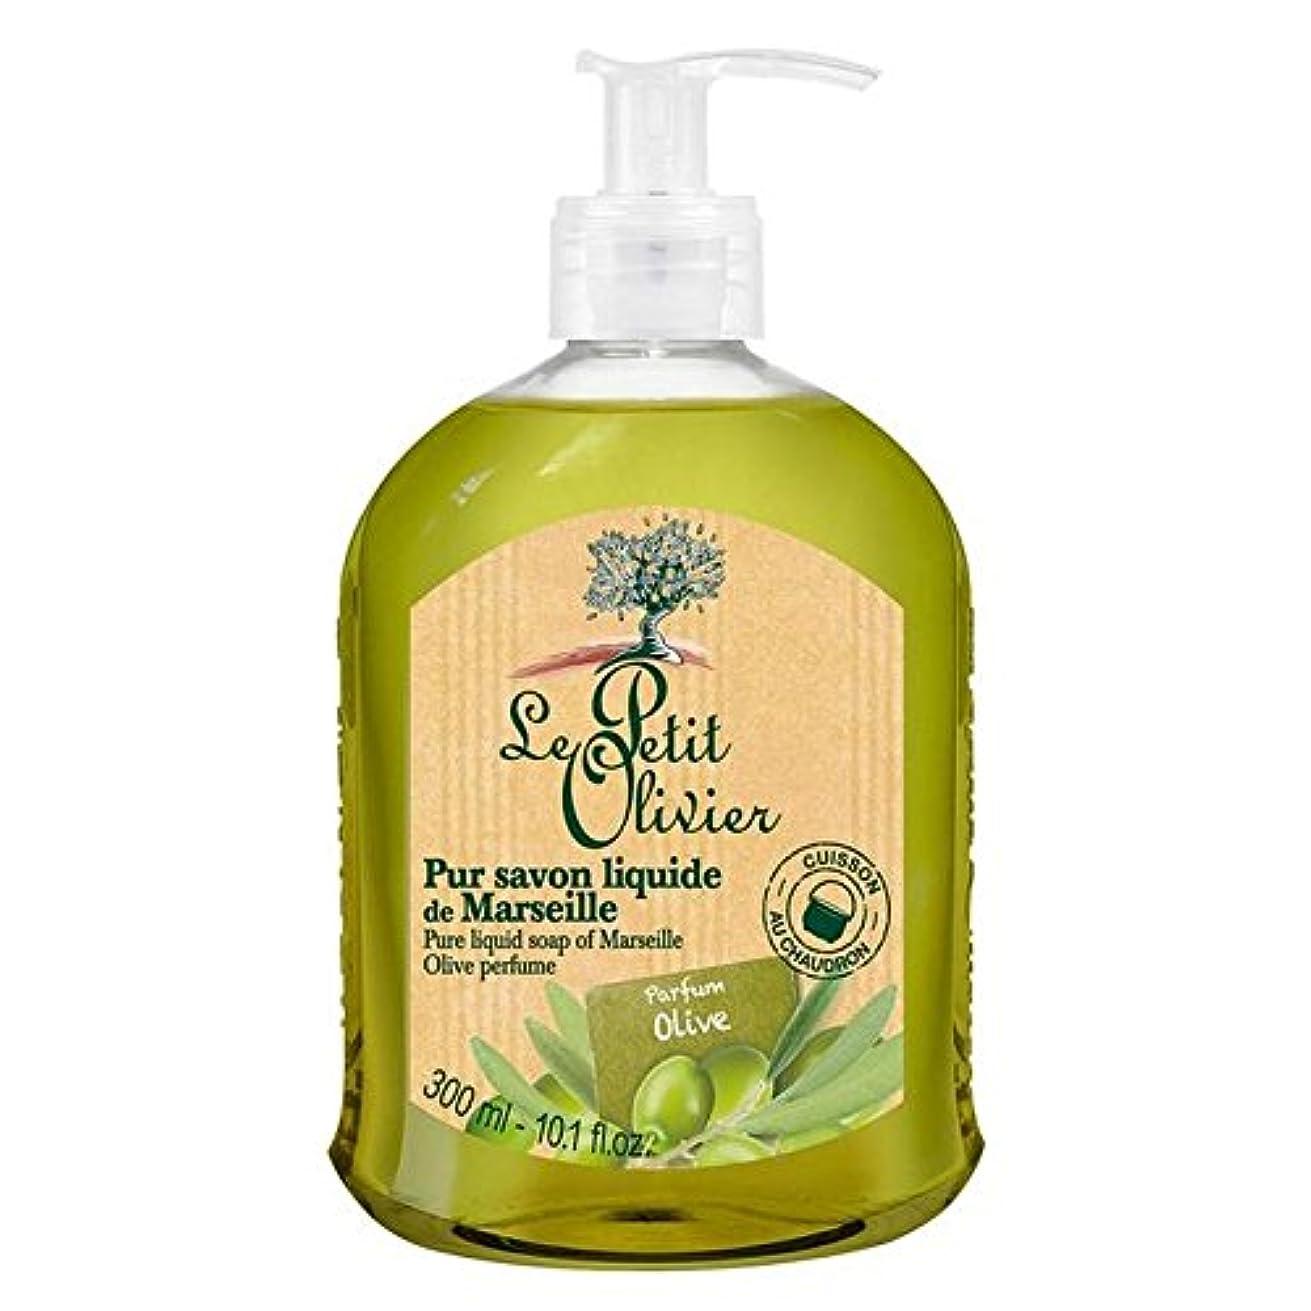 居心地の良い六月講師Le Petit Olivier Pure Liquid Soap of Marseille, Olive Oil 300ml (Pack of 6) - マルセイユのル?プティ?オリヴィエ純粋な液体石鹸、オリーブオイル300ミリリットル x6 [並行輸入品]